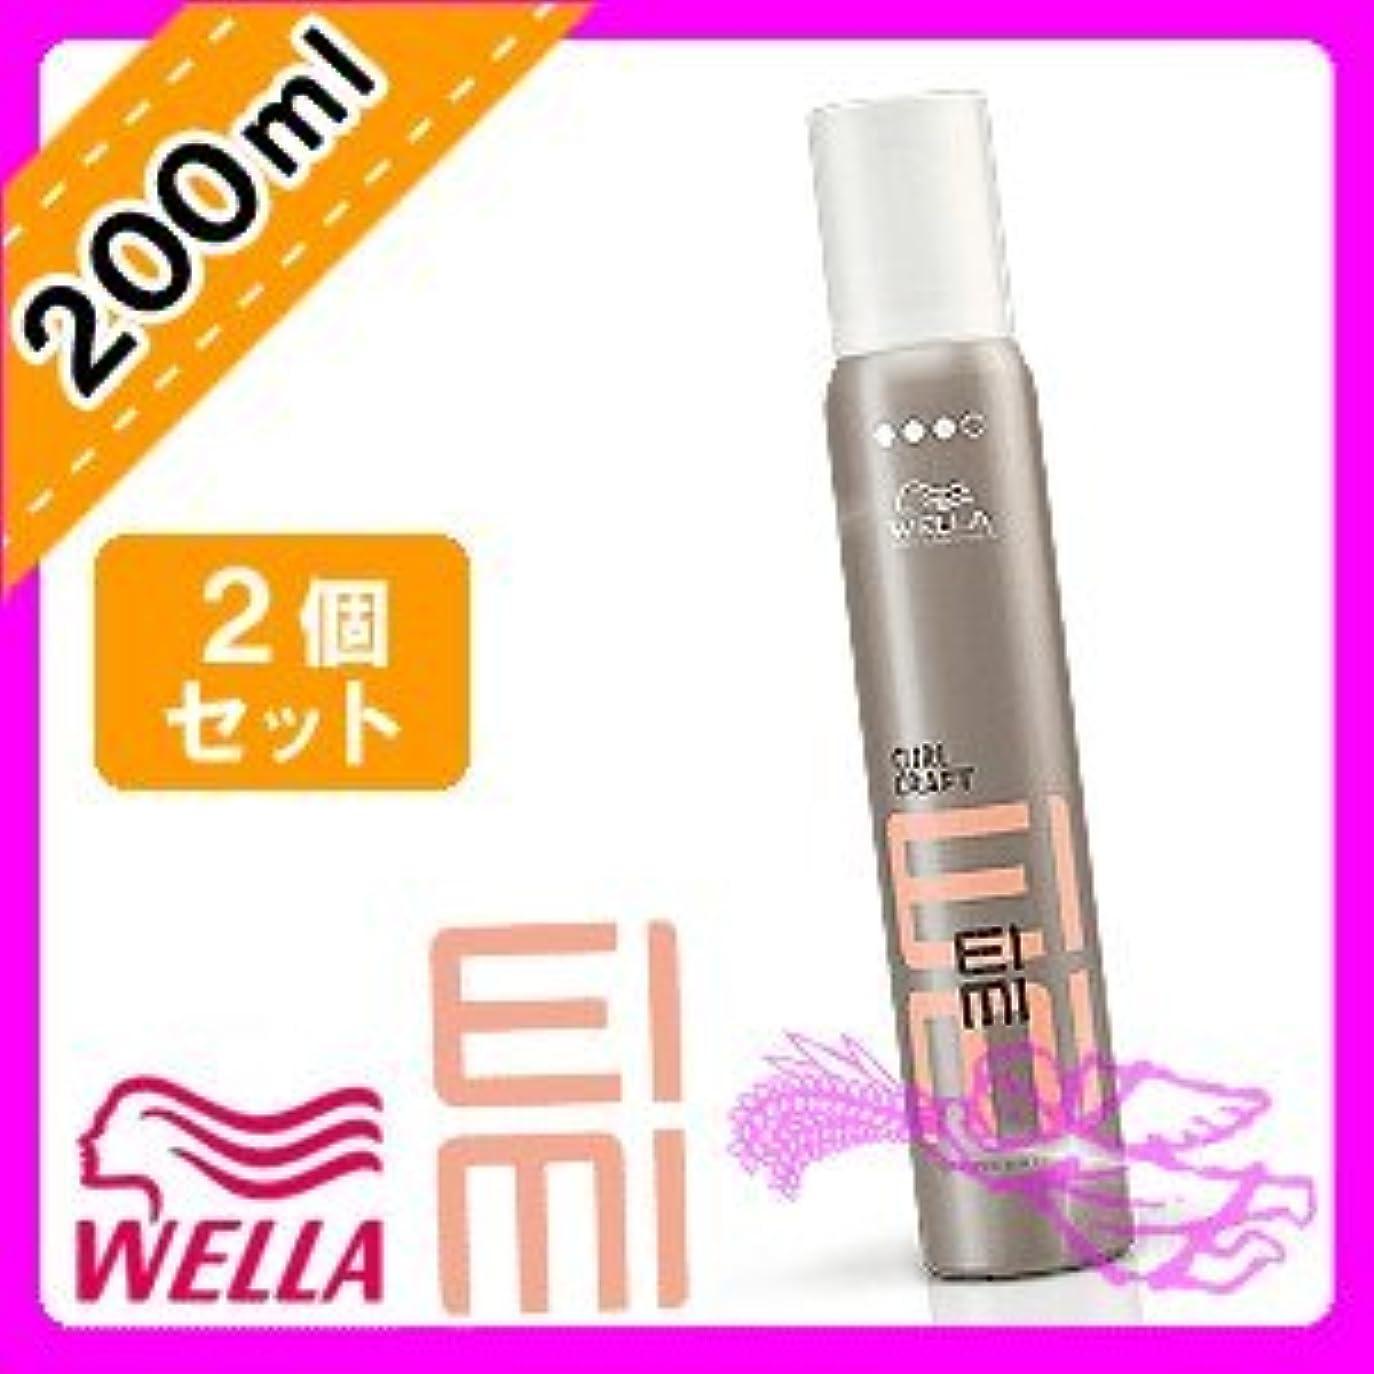 演劇ファイアル震えウエラ EIMI(アイミィ) カールクラフトワックスムース 200ml ×2個 セット WELLA P&G